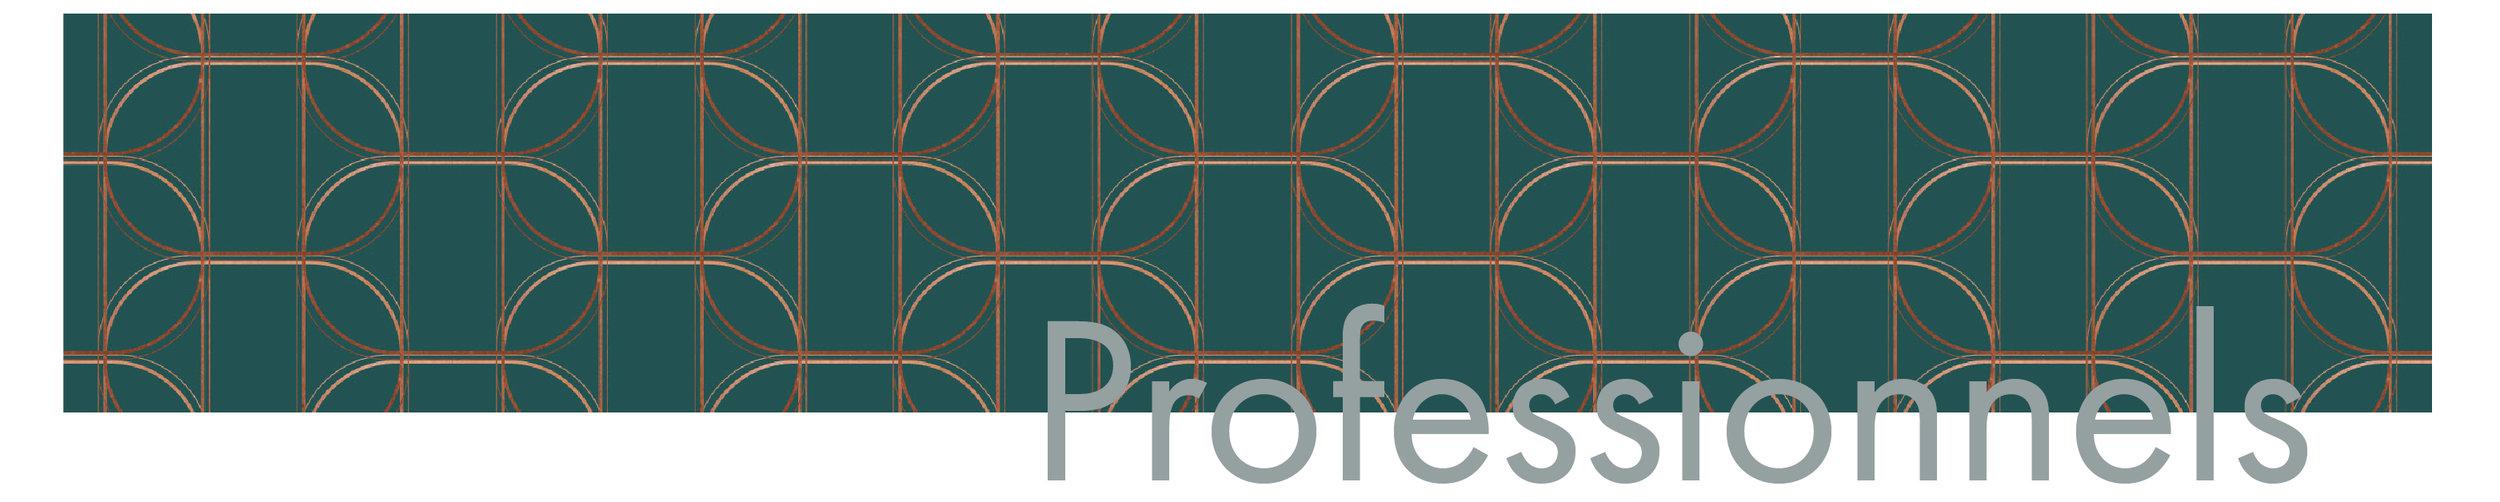 service pro-04.jpg